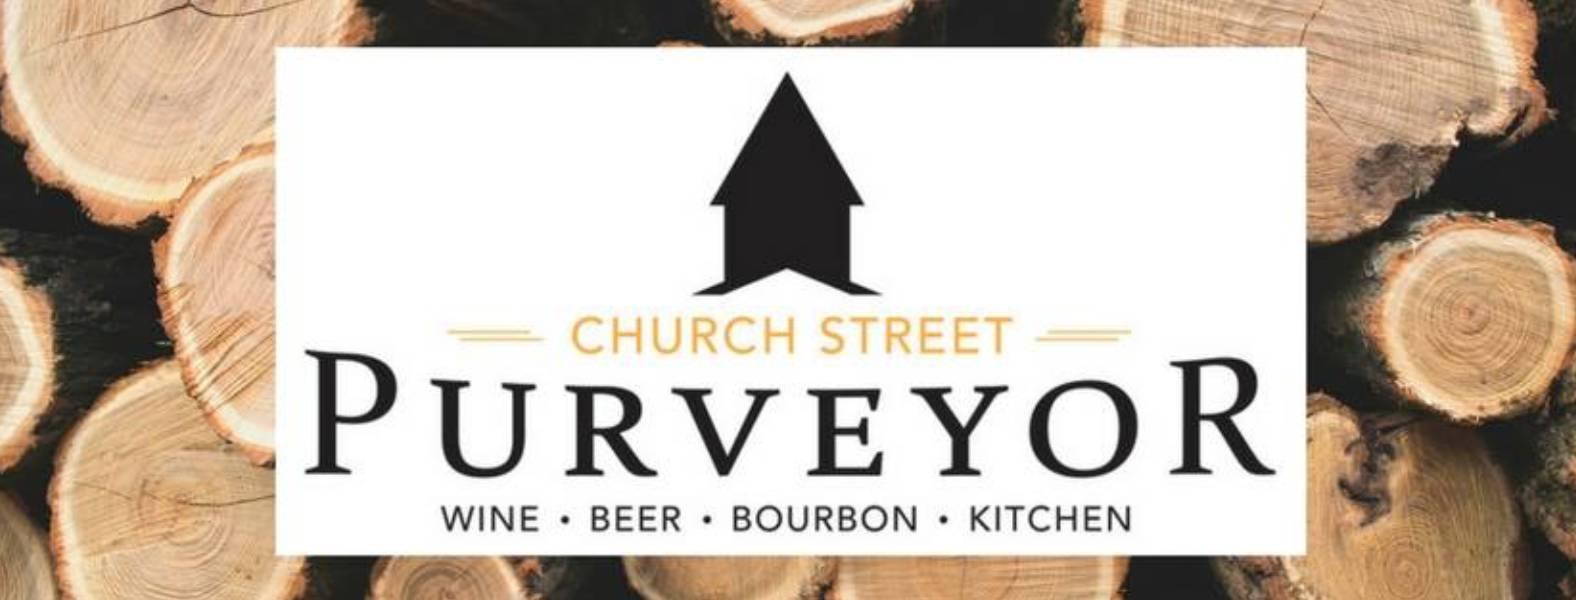 Church Street Purveyor